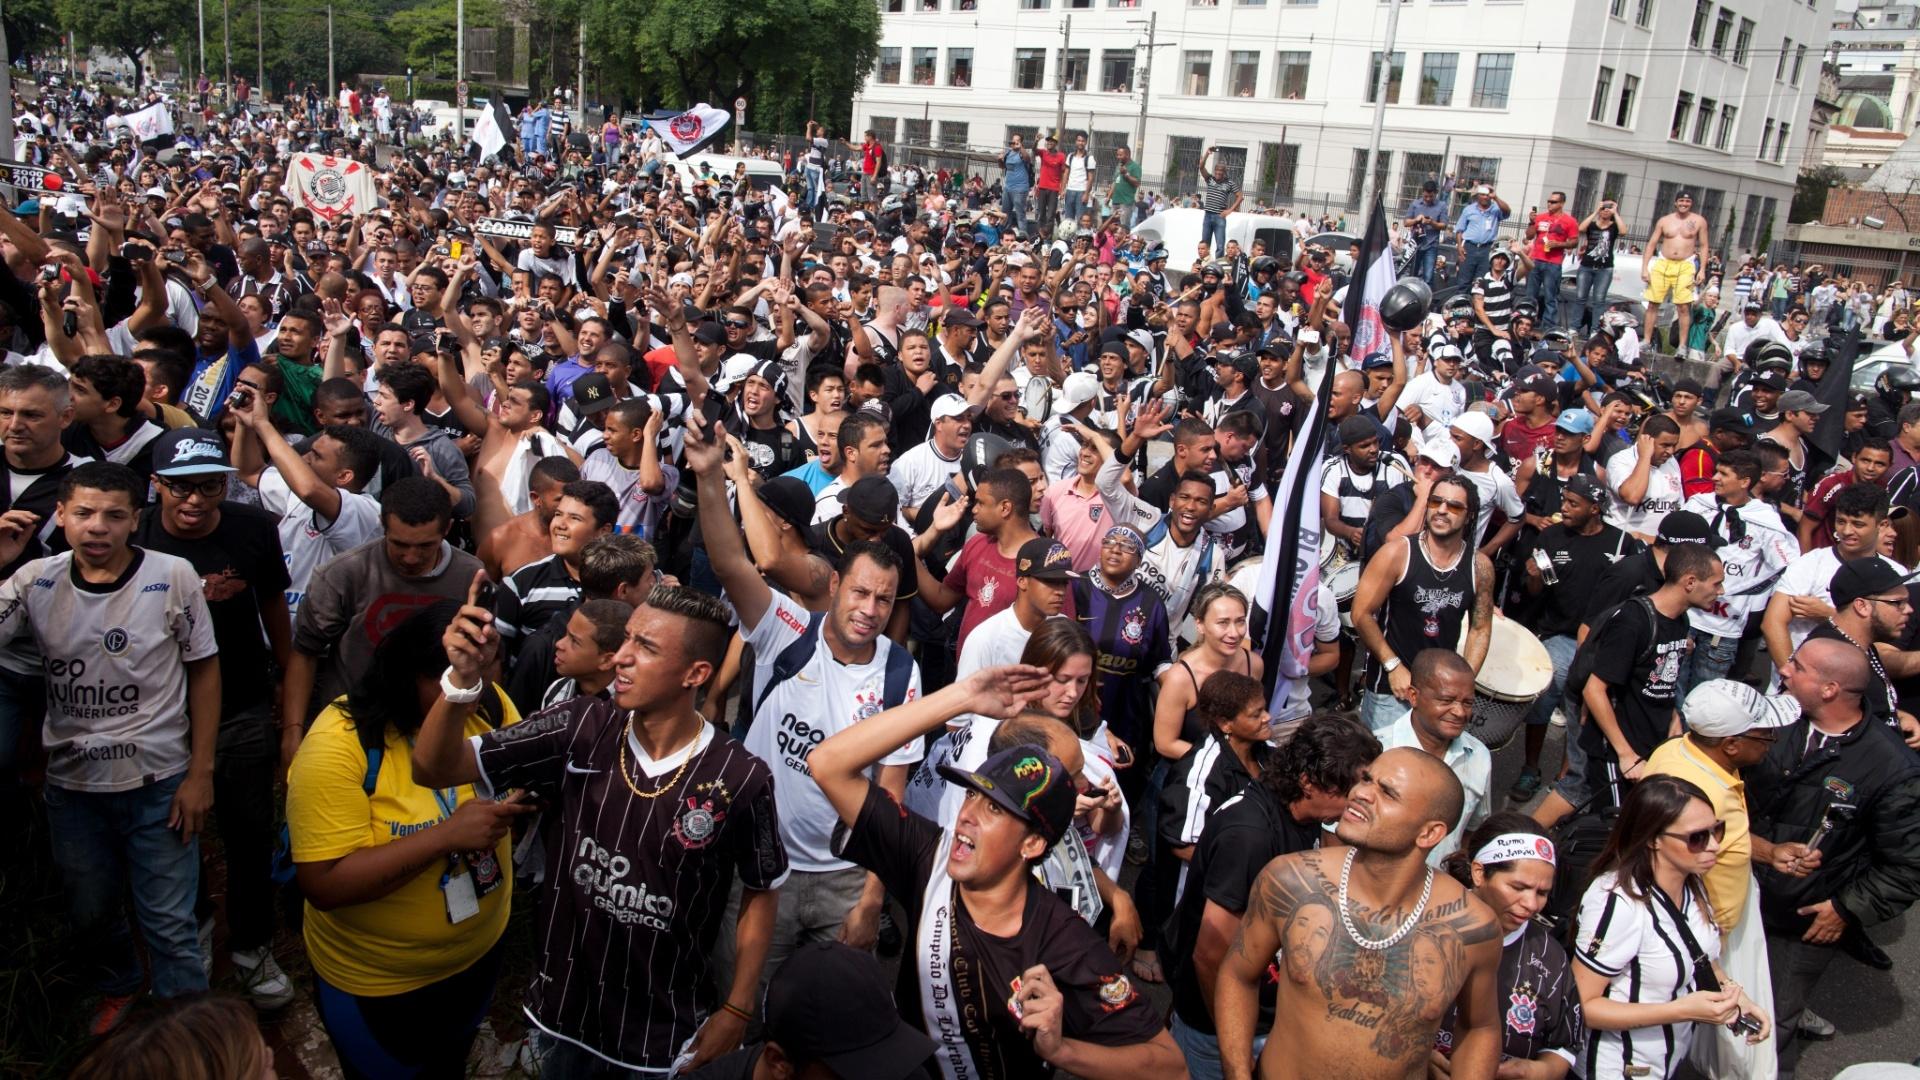 18.dez.2012- Torcedores do Corinthians ocupam a Av. Tiradentes em São Paulo para receber trio elétrico com os jogadores em comemoração do título mundial